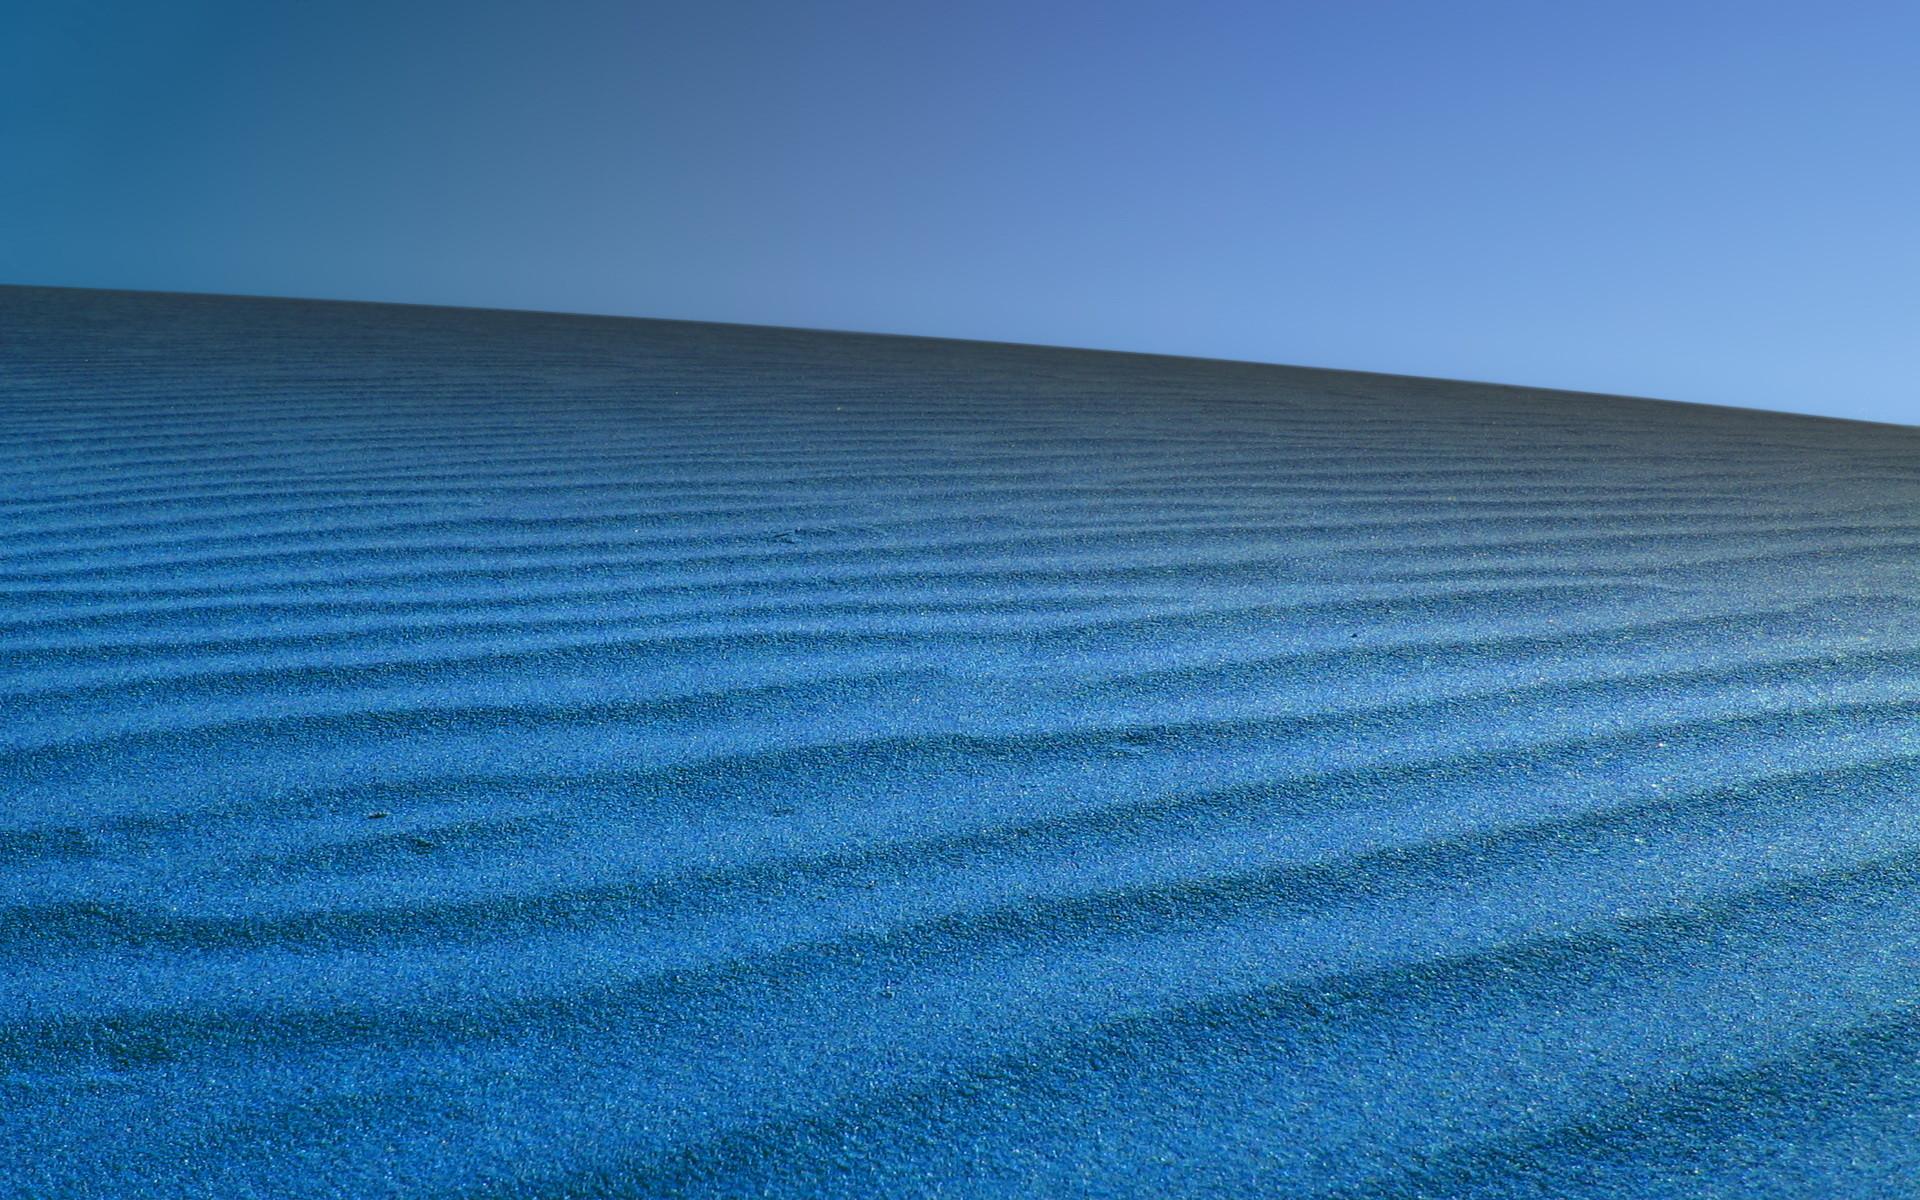 Blue desert on Dune.